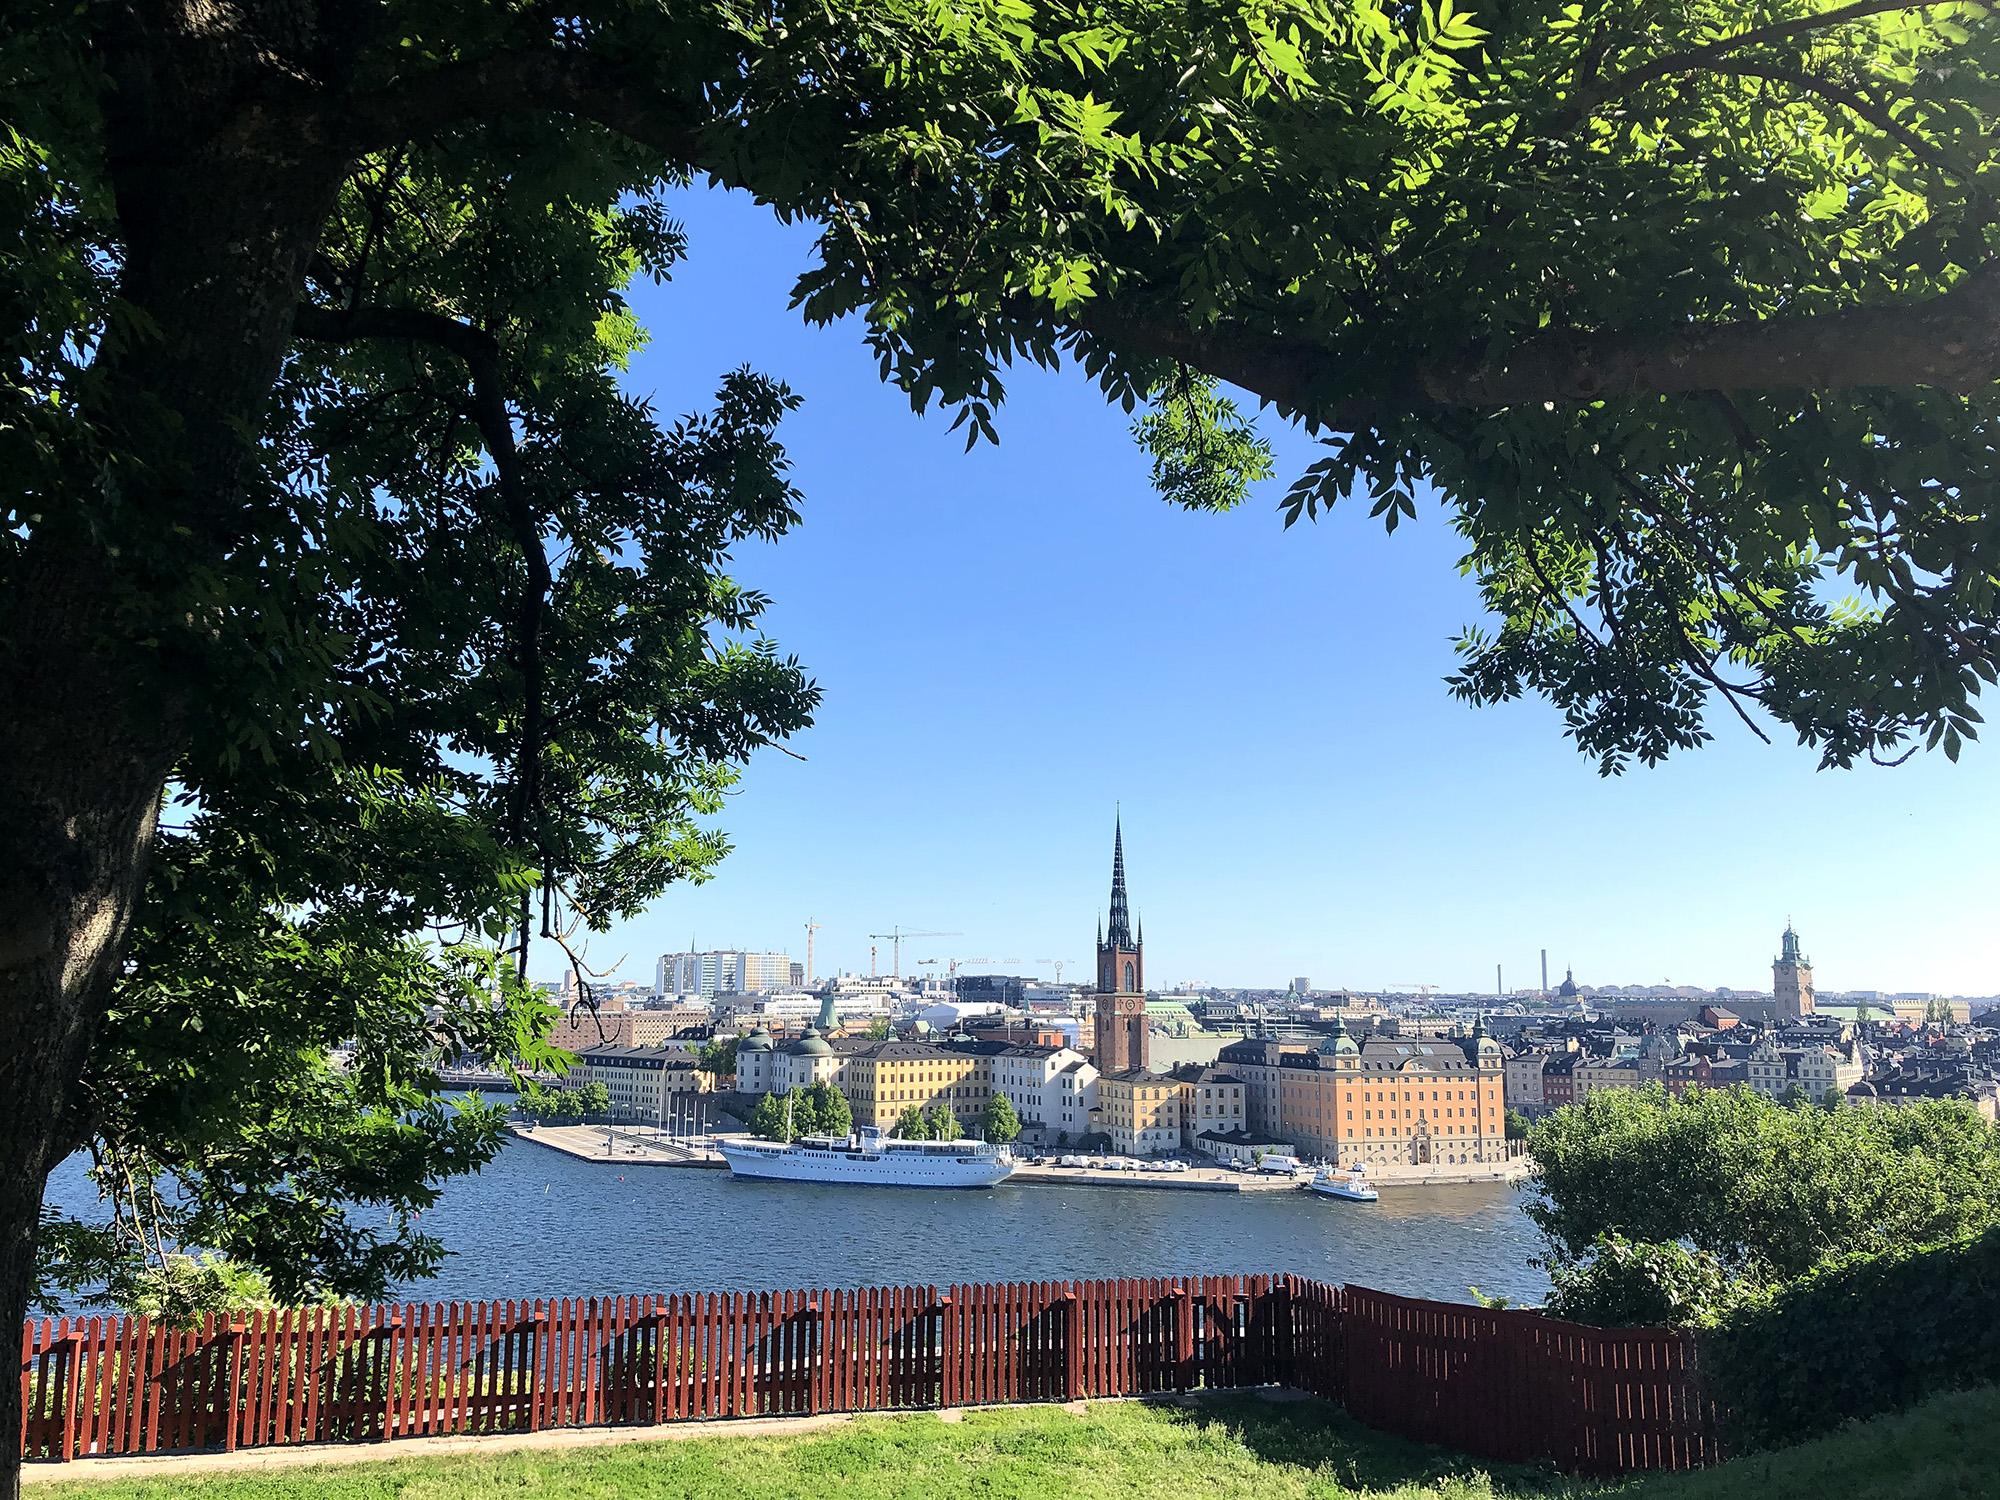 Ivar los park lunch restaurant Stockholm